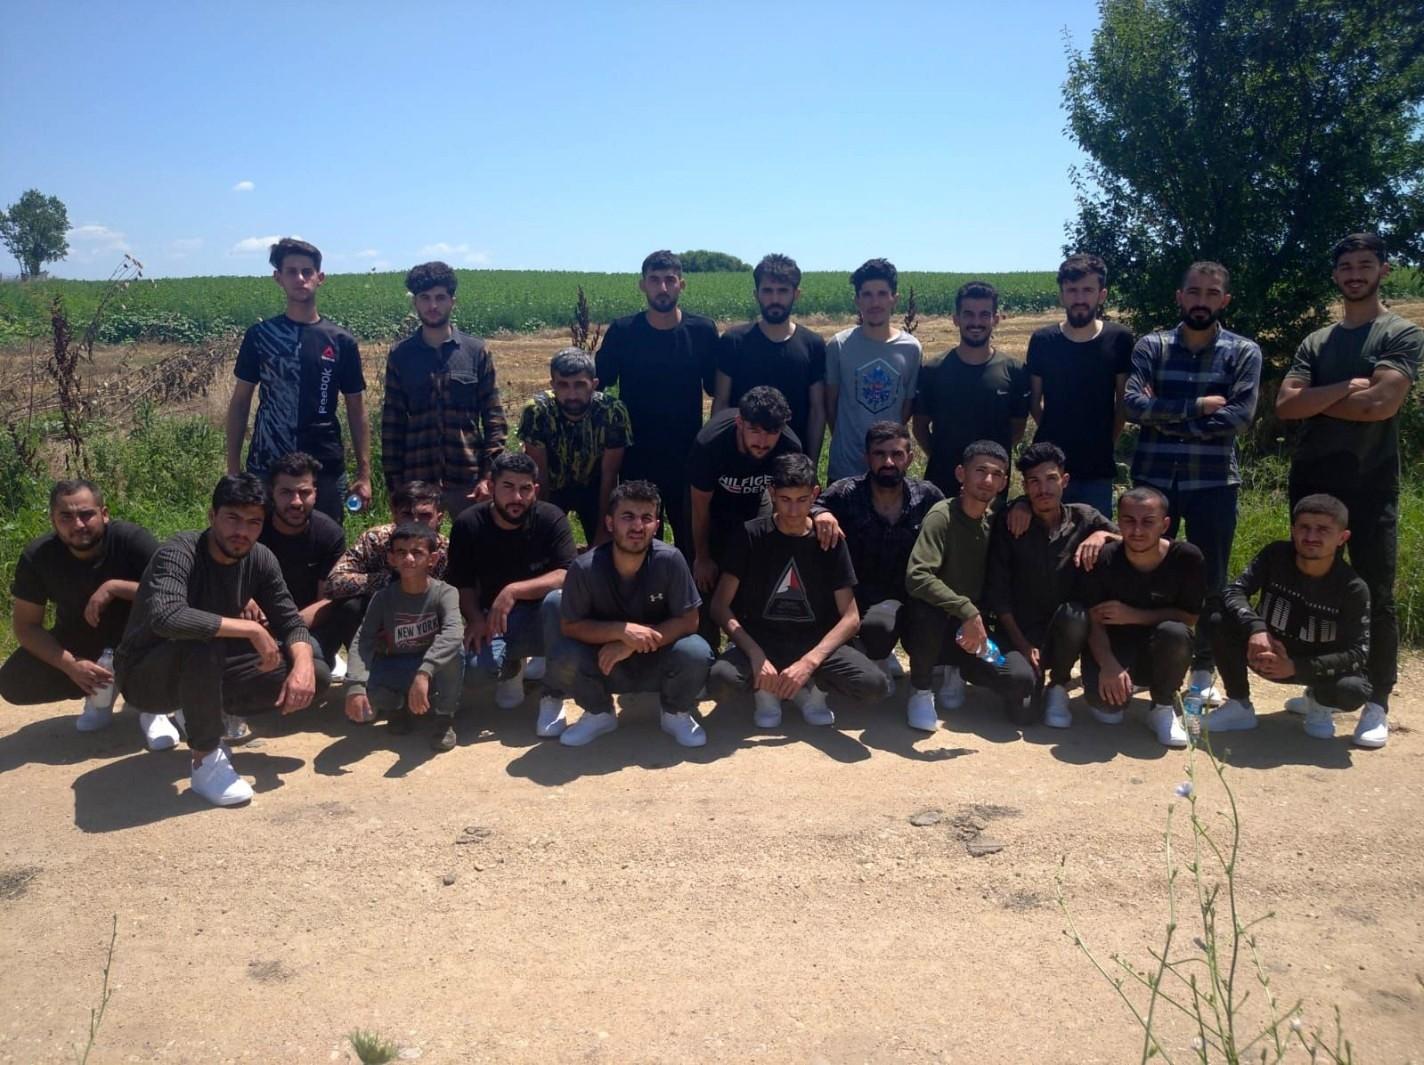 """MSB: """"Yunanistan'dan Türkiye'ye Geçmeye Çalışan 42 Düzensiz Göçmen Grubu Yakalandı"""""""